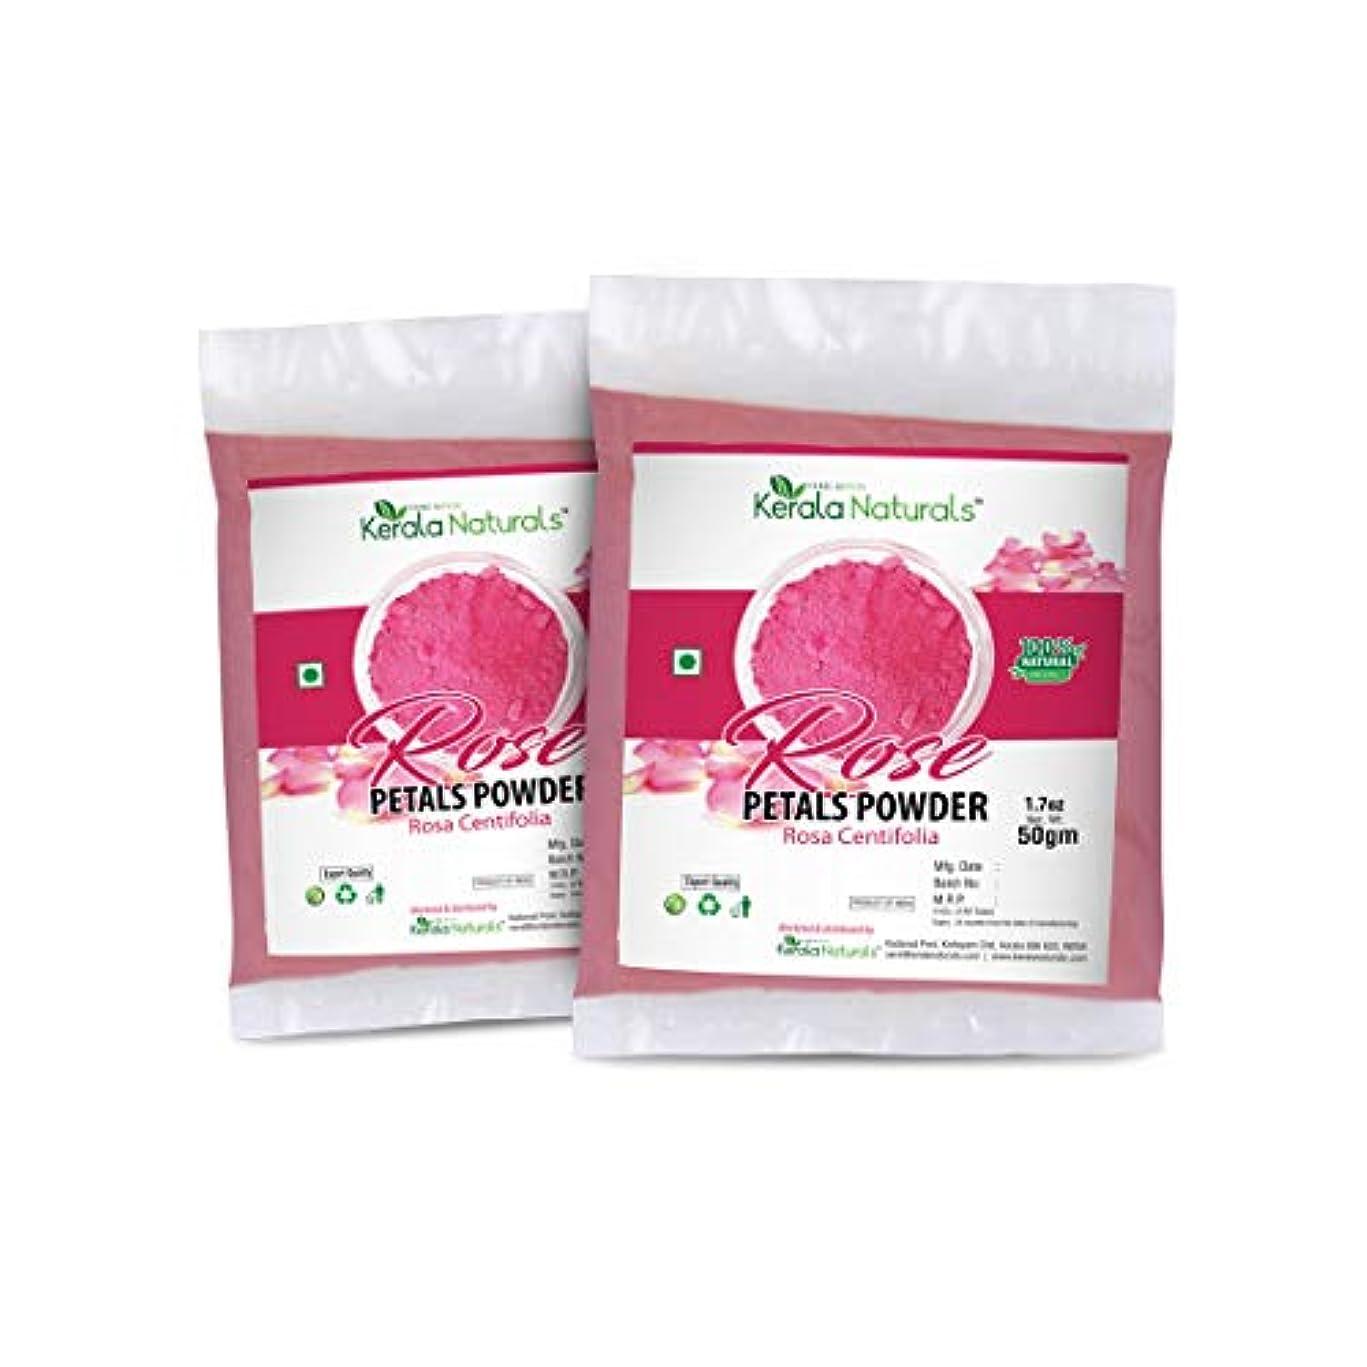 スカーフアクチュエータのスコアRose Petals Powder (Rosa Centifolia) for Anti Ageing- 100gm (50gm x 2 Packs) - Rejuvenating and Moisturising Face...